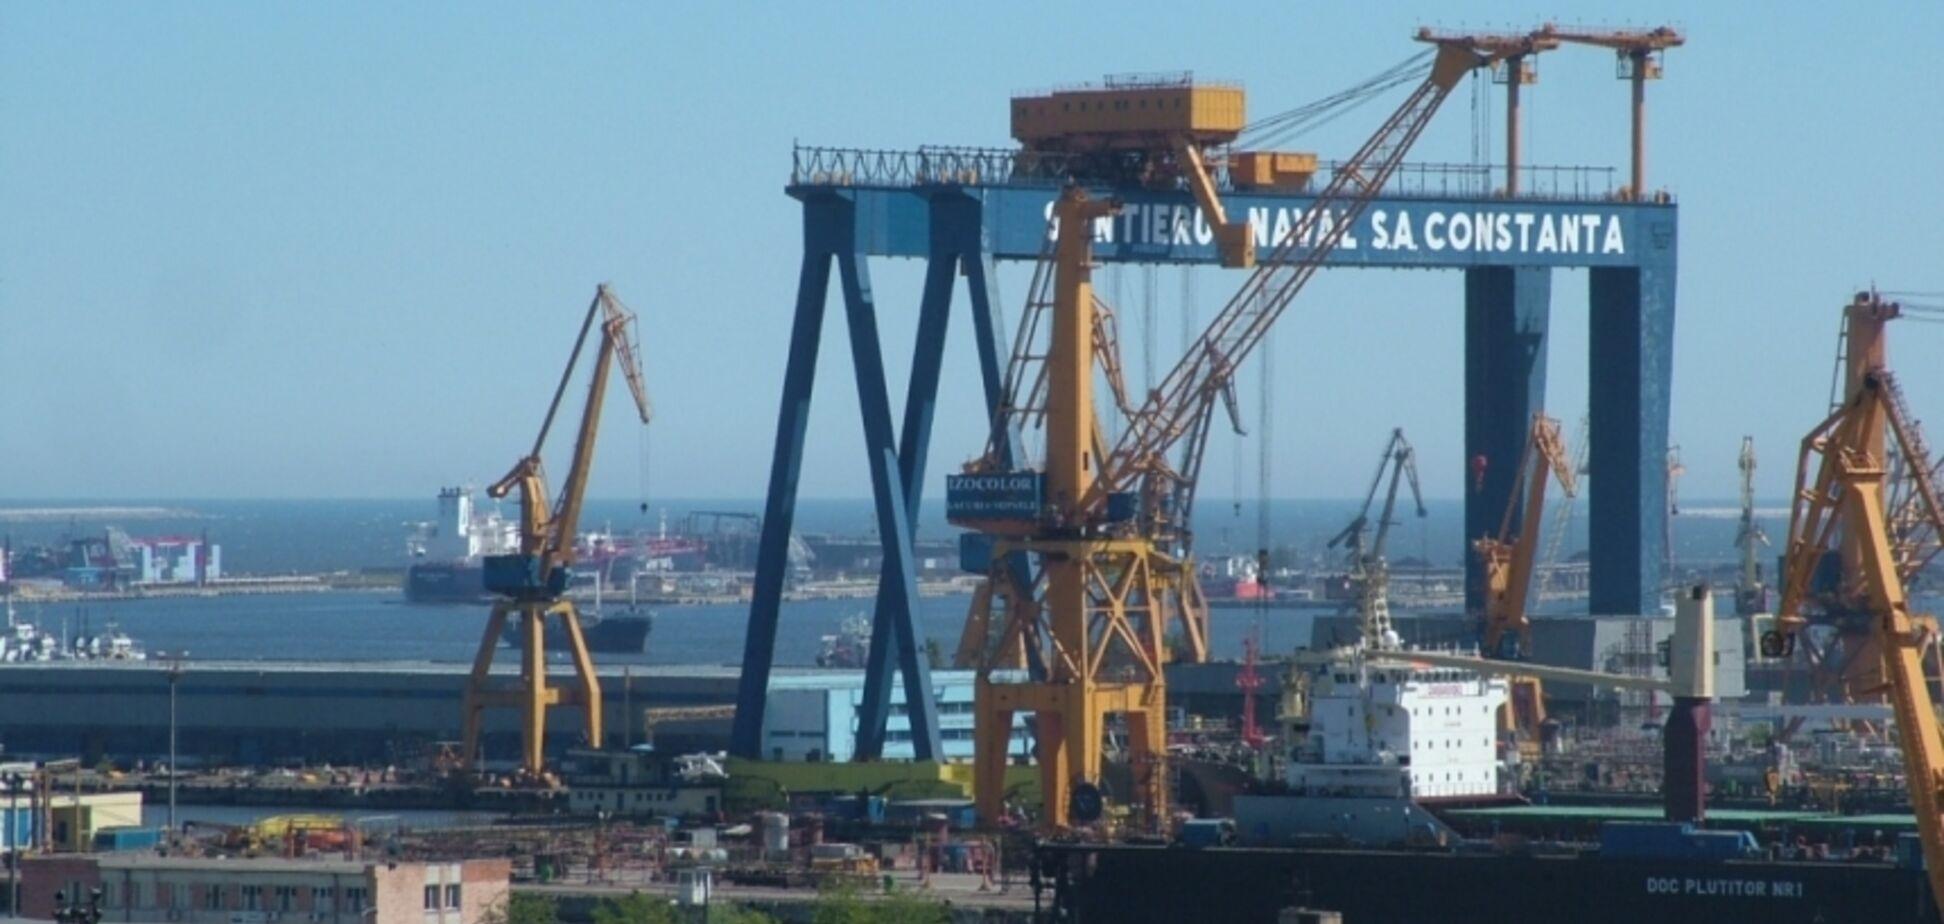 Коштів від продажу майнового комплексу ПАТ НСЗ ''Океан'' вистачить для виплати всіх зарплатних боргів